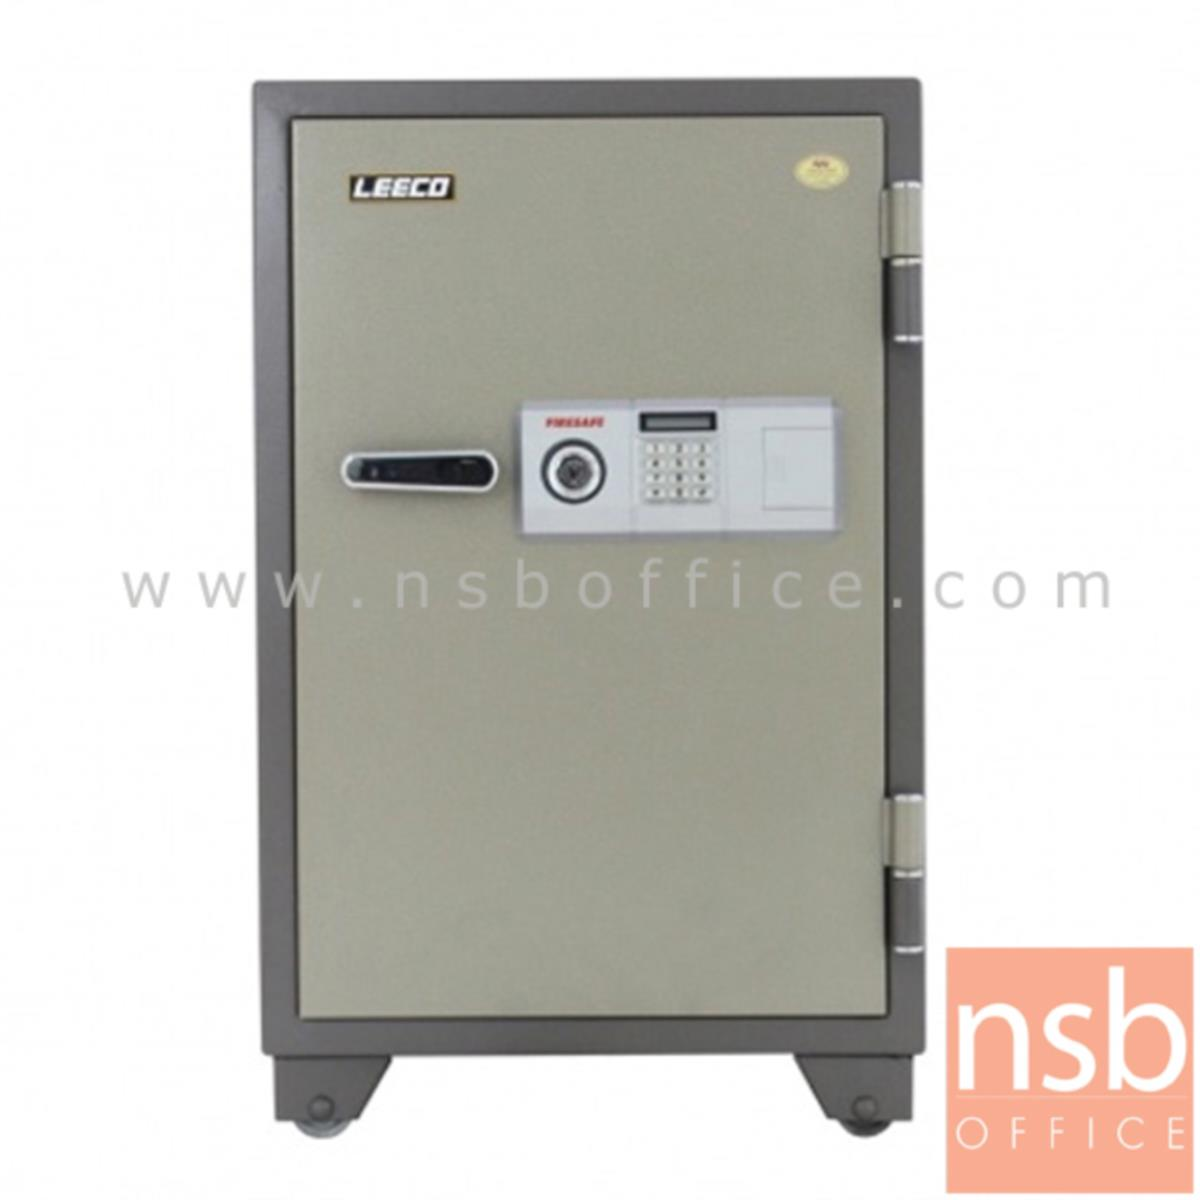 ตู้เซฟนิรภัยระบบดิจิตอล 155 กก.  LEECO-700-XPL